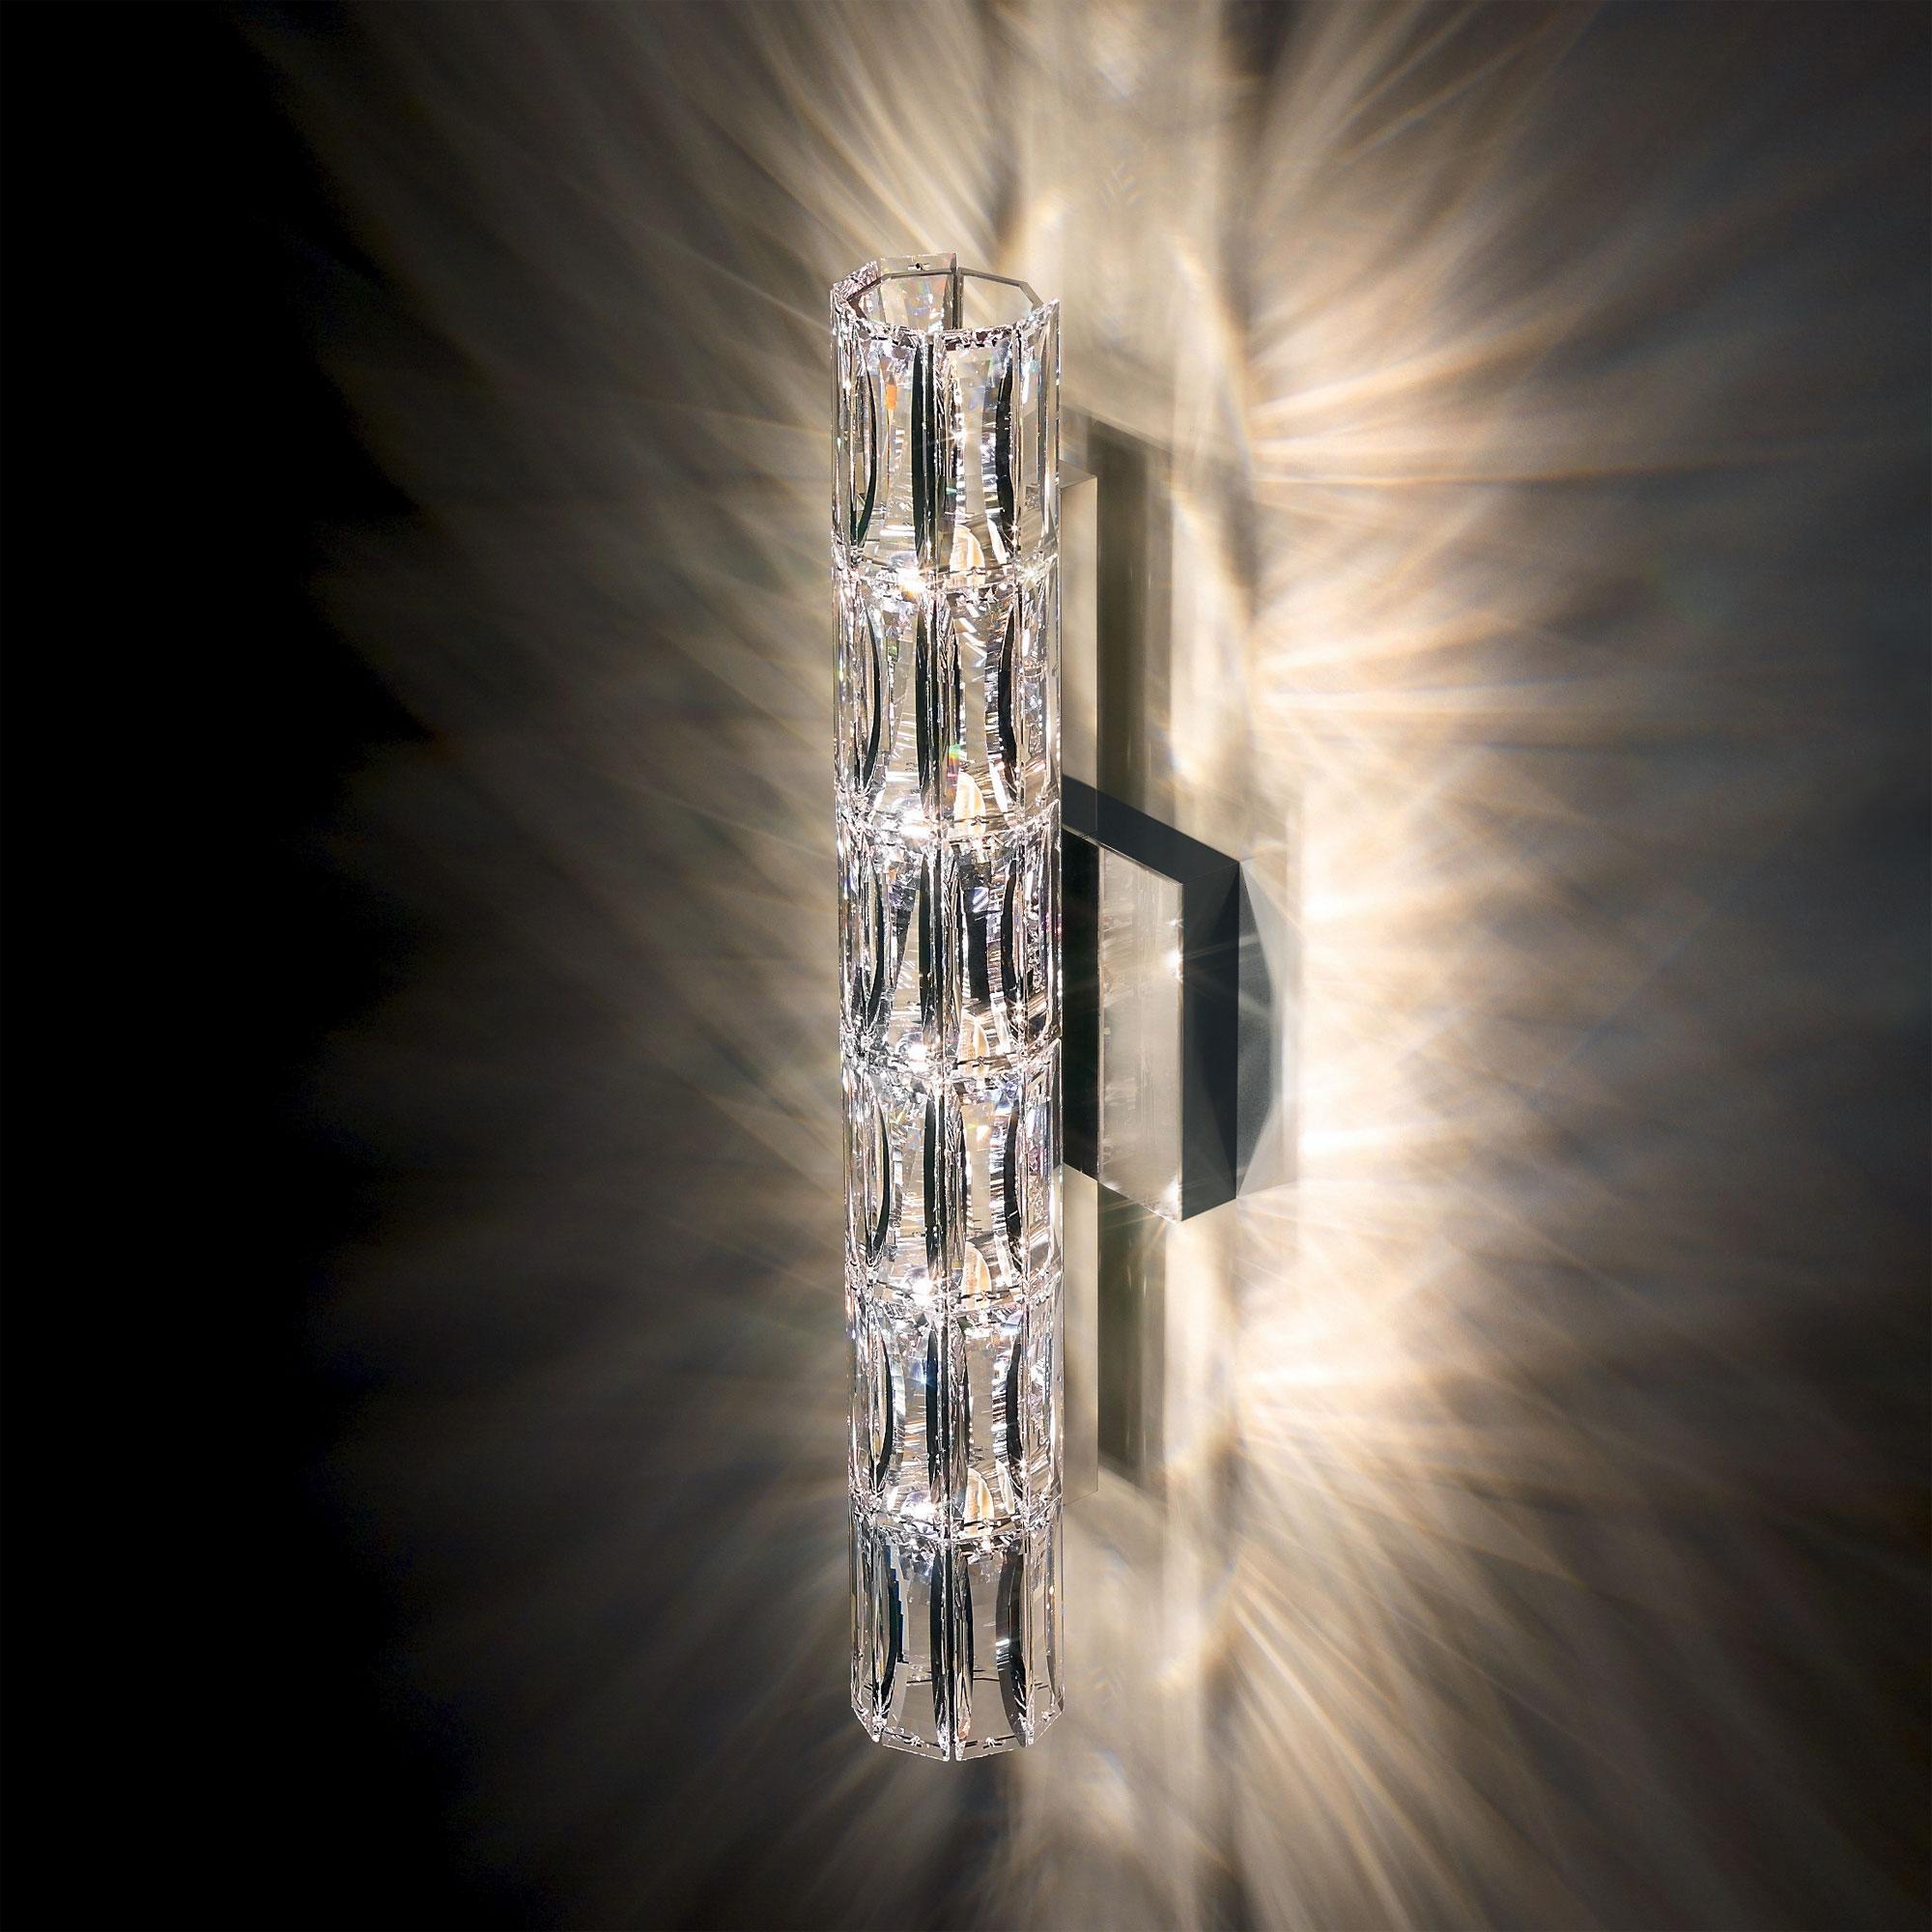 Verve Wall Sconce By Swarovski A9950nr700255